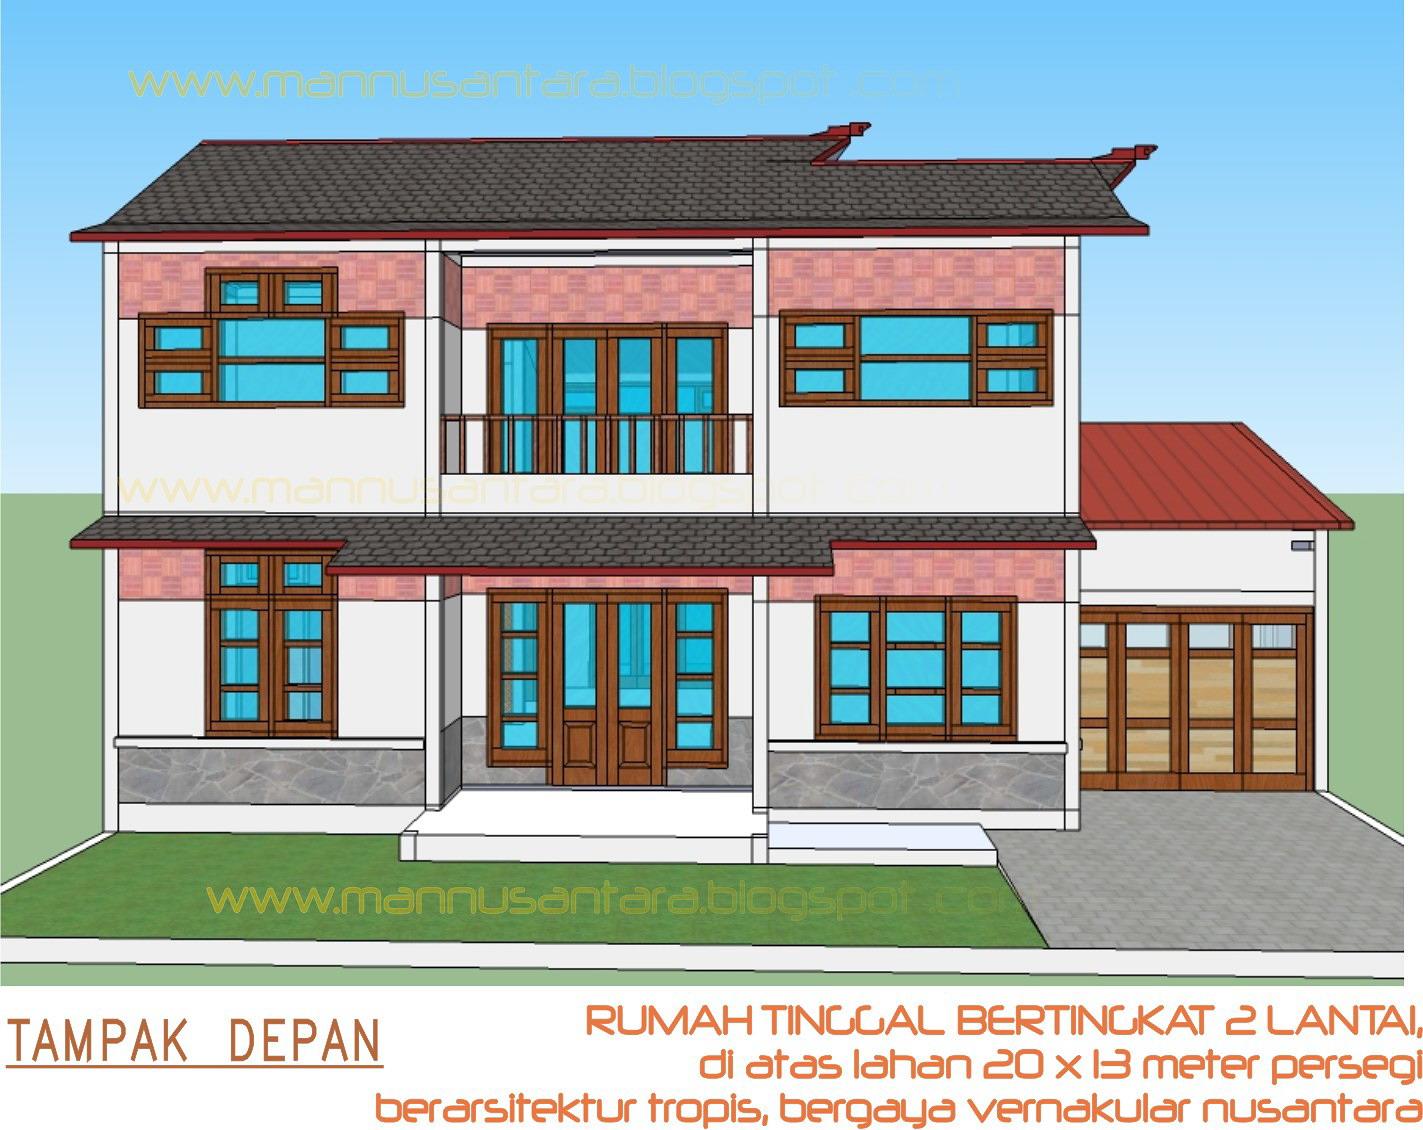 Rancangan Rumah Tinggal Bertingkat Dua Lantai, Berarsitektur Tropis